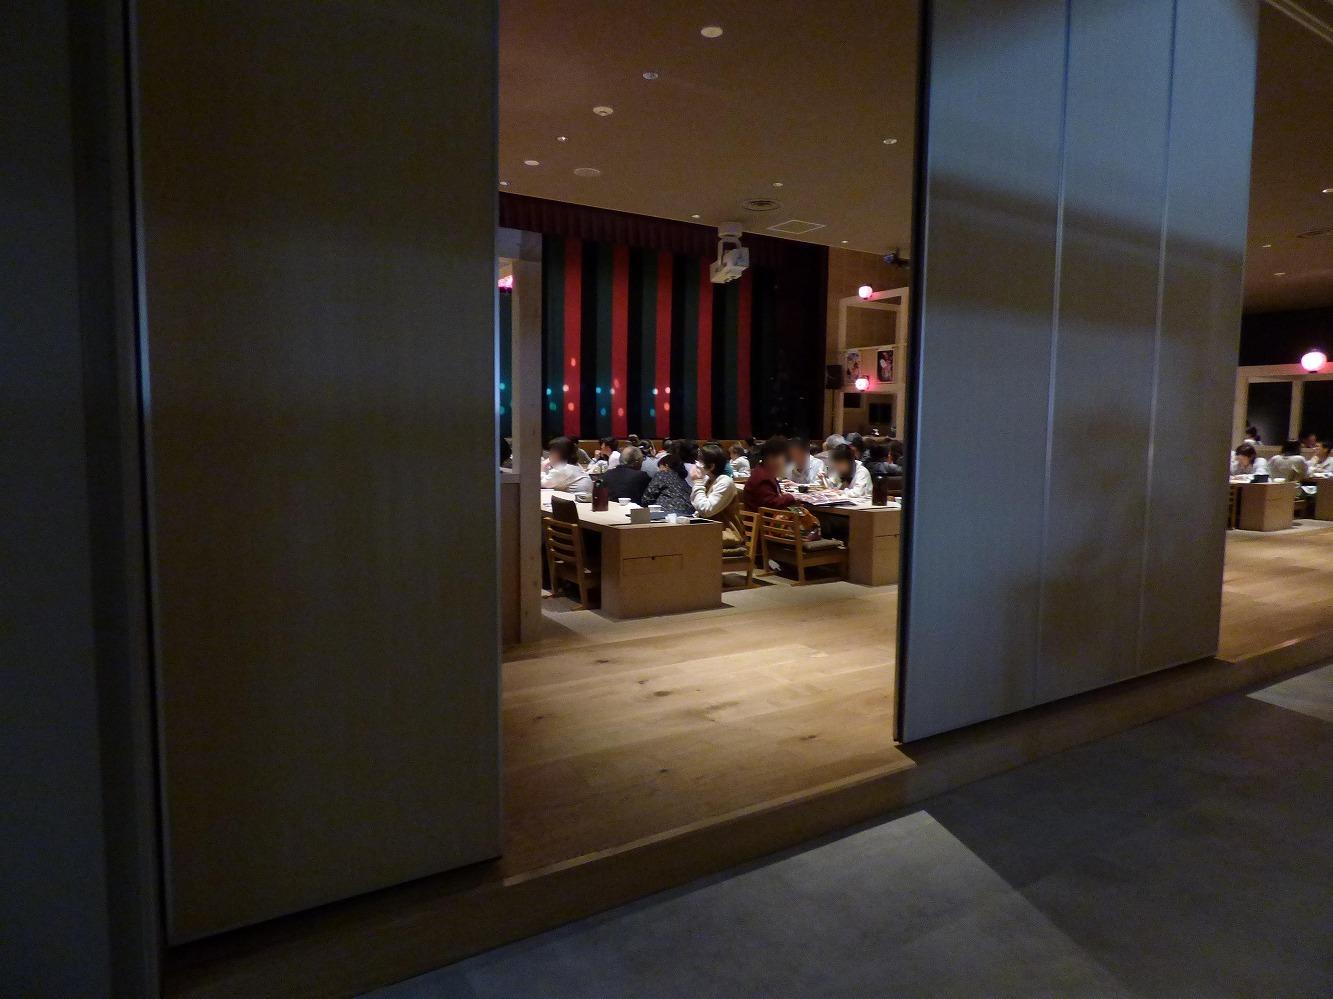 大衆演劇が観られる広間の前の扉